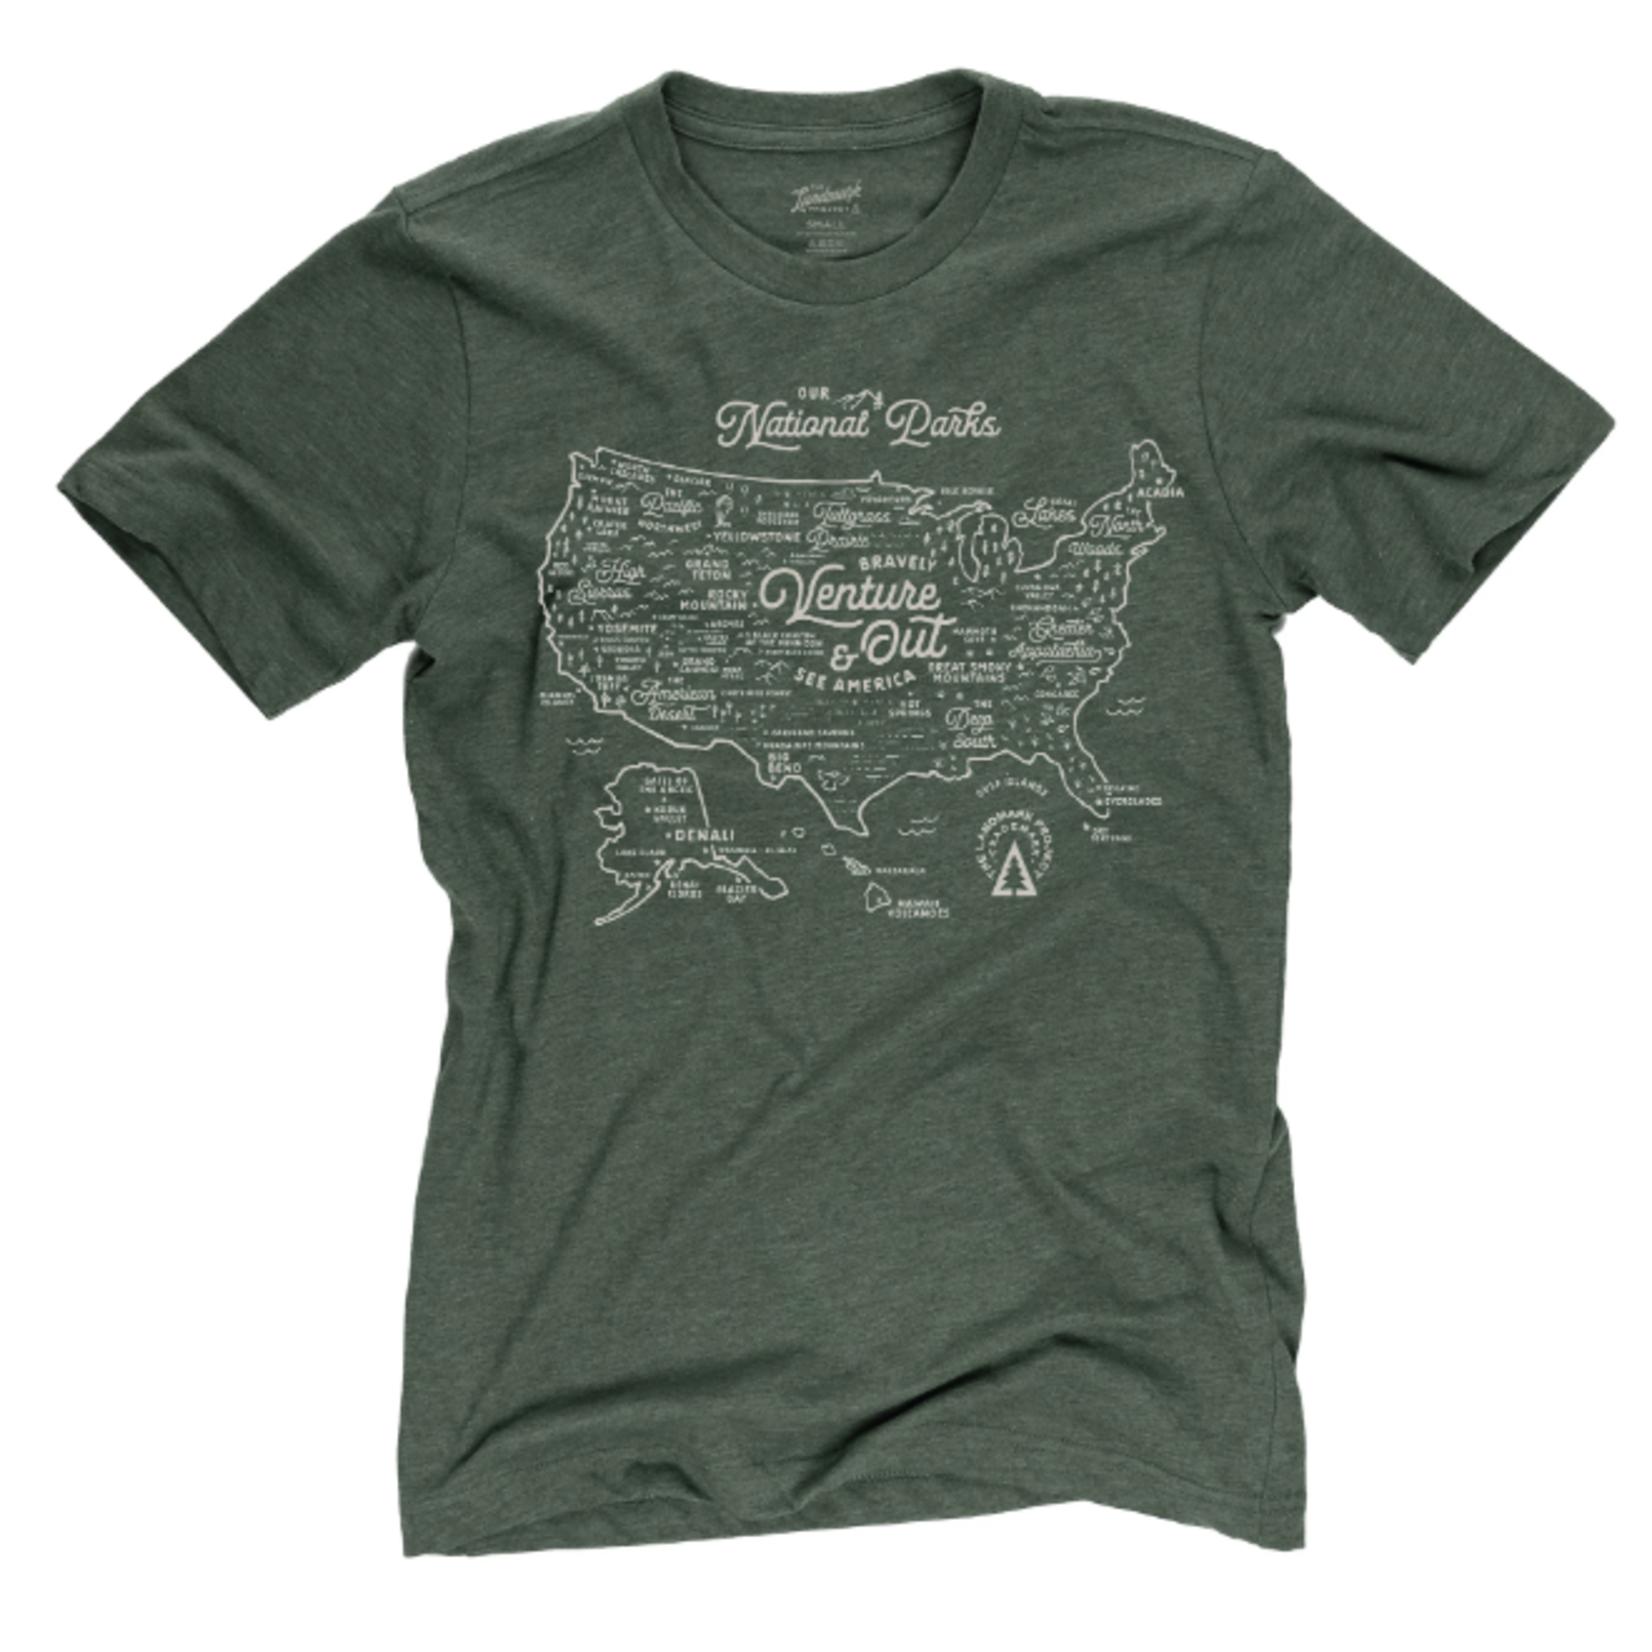 The Landmark Project The Landmark Project NPS Map T-Shirt